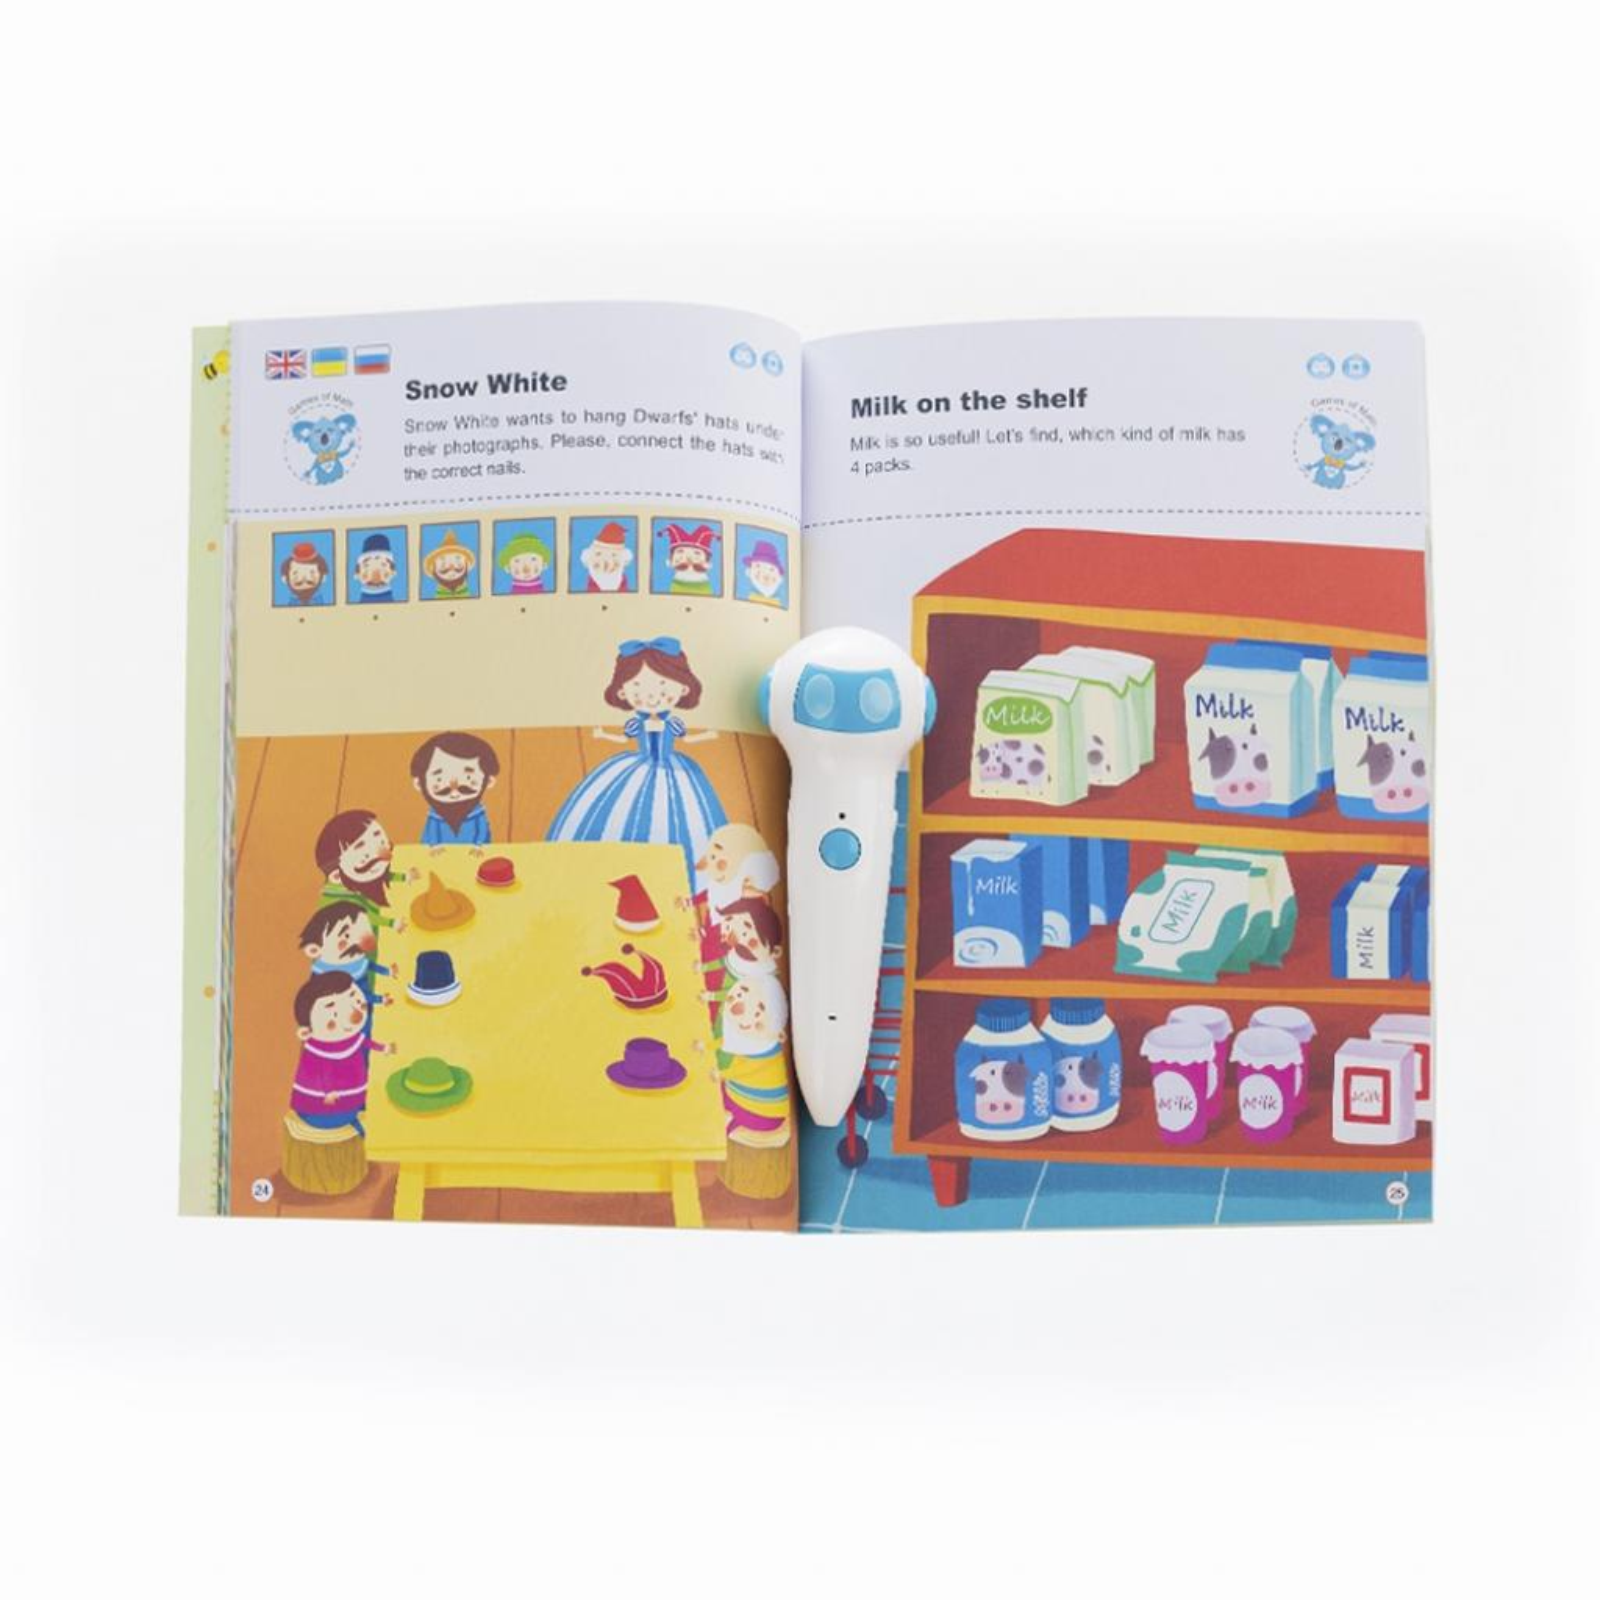 Интерактивная игрушка Smart Koala развивающая книга The Games of Math (Season 3) №3 (SKBGMS3) изображение 3